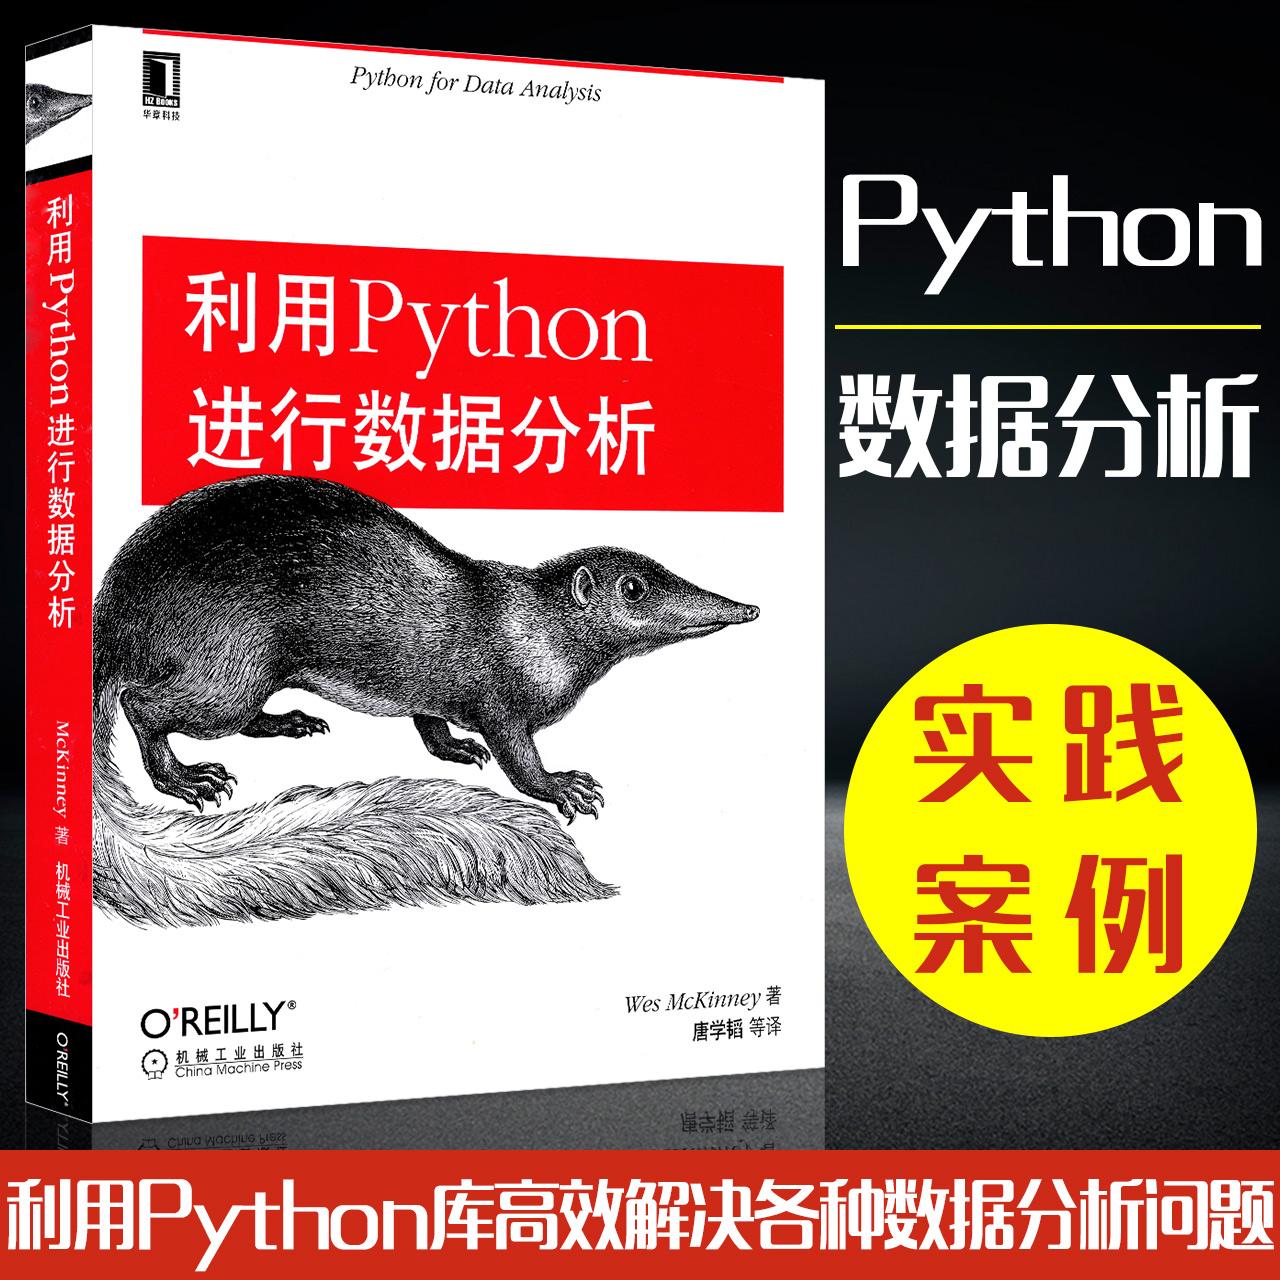 利用Python进行数据分析 Python编程从入门到实践 核心编程基础教程 网络爬虫入门书籍 python视频编程从入门到精通 程序设计教材